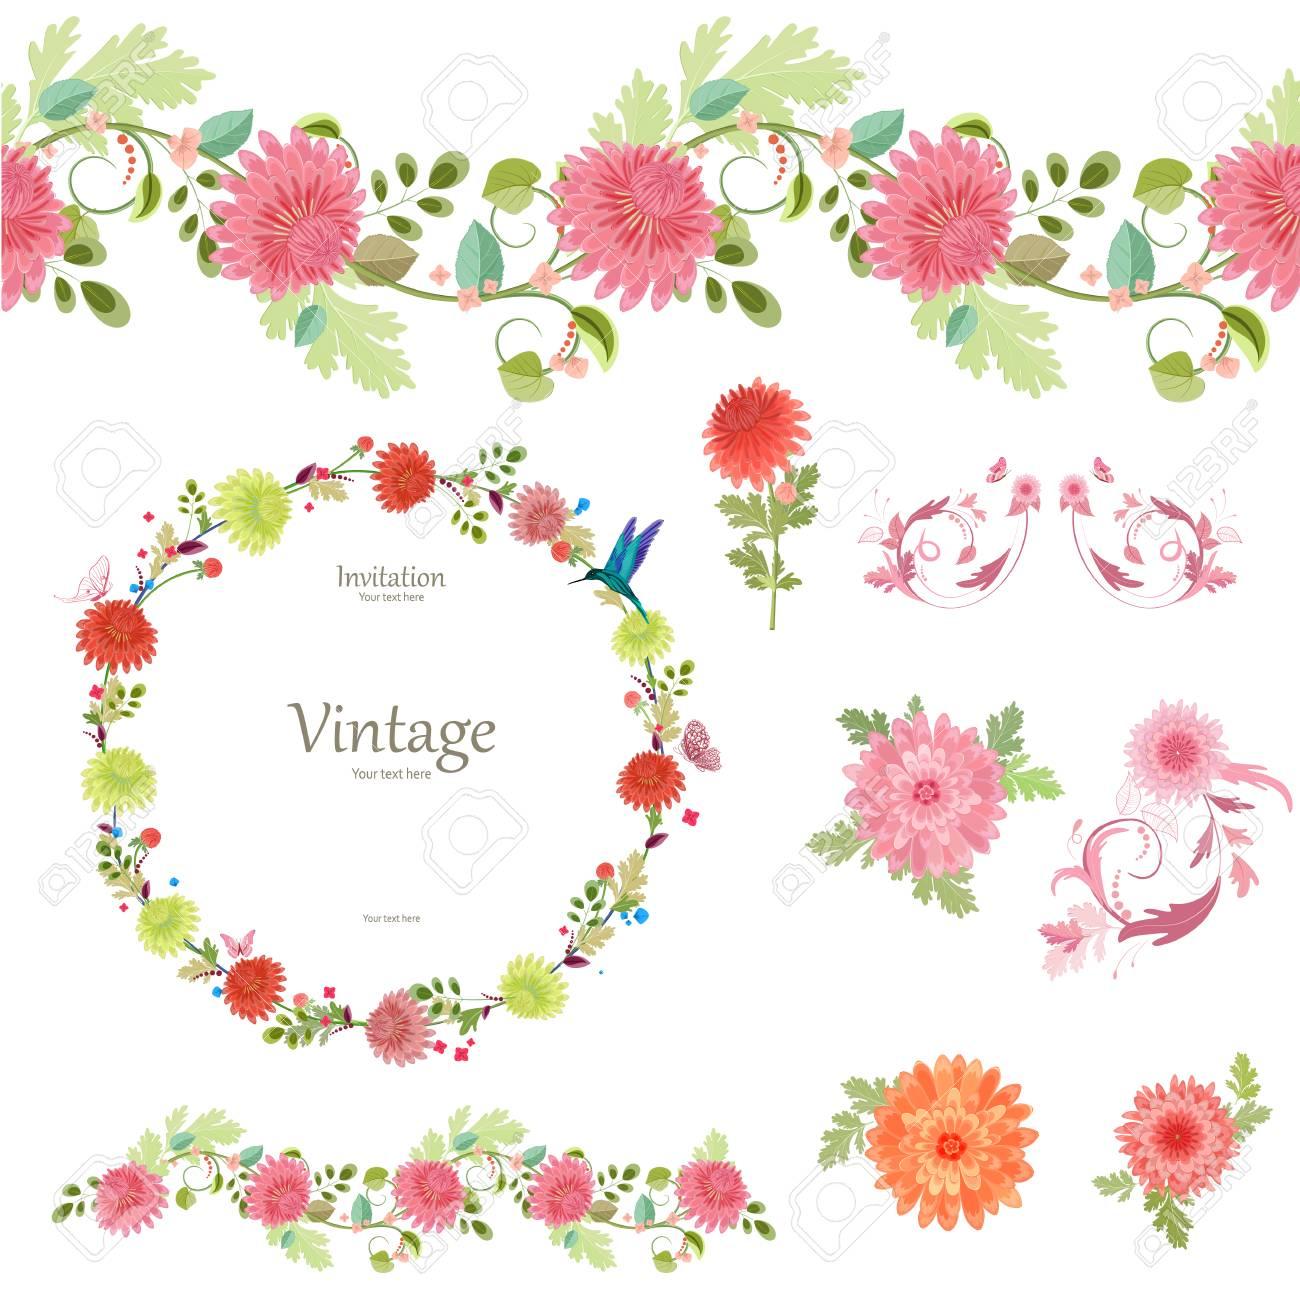 春の菊の花のコレクション シームレスな境界線とあなたのデザインのかわいいリースです